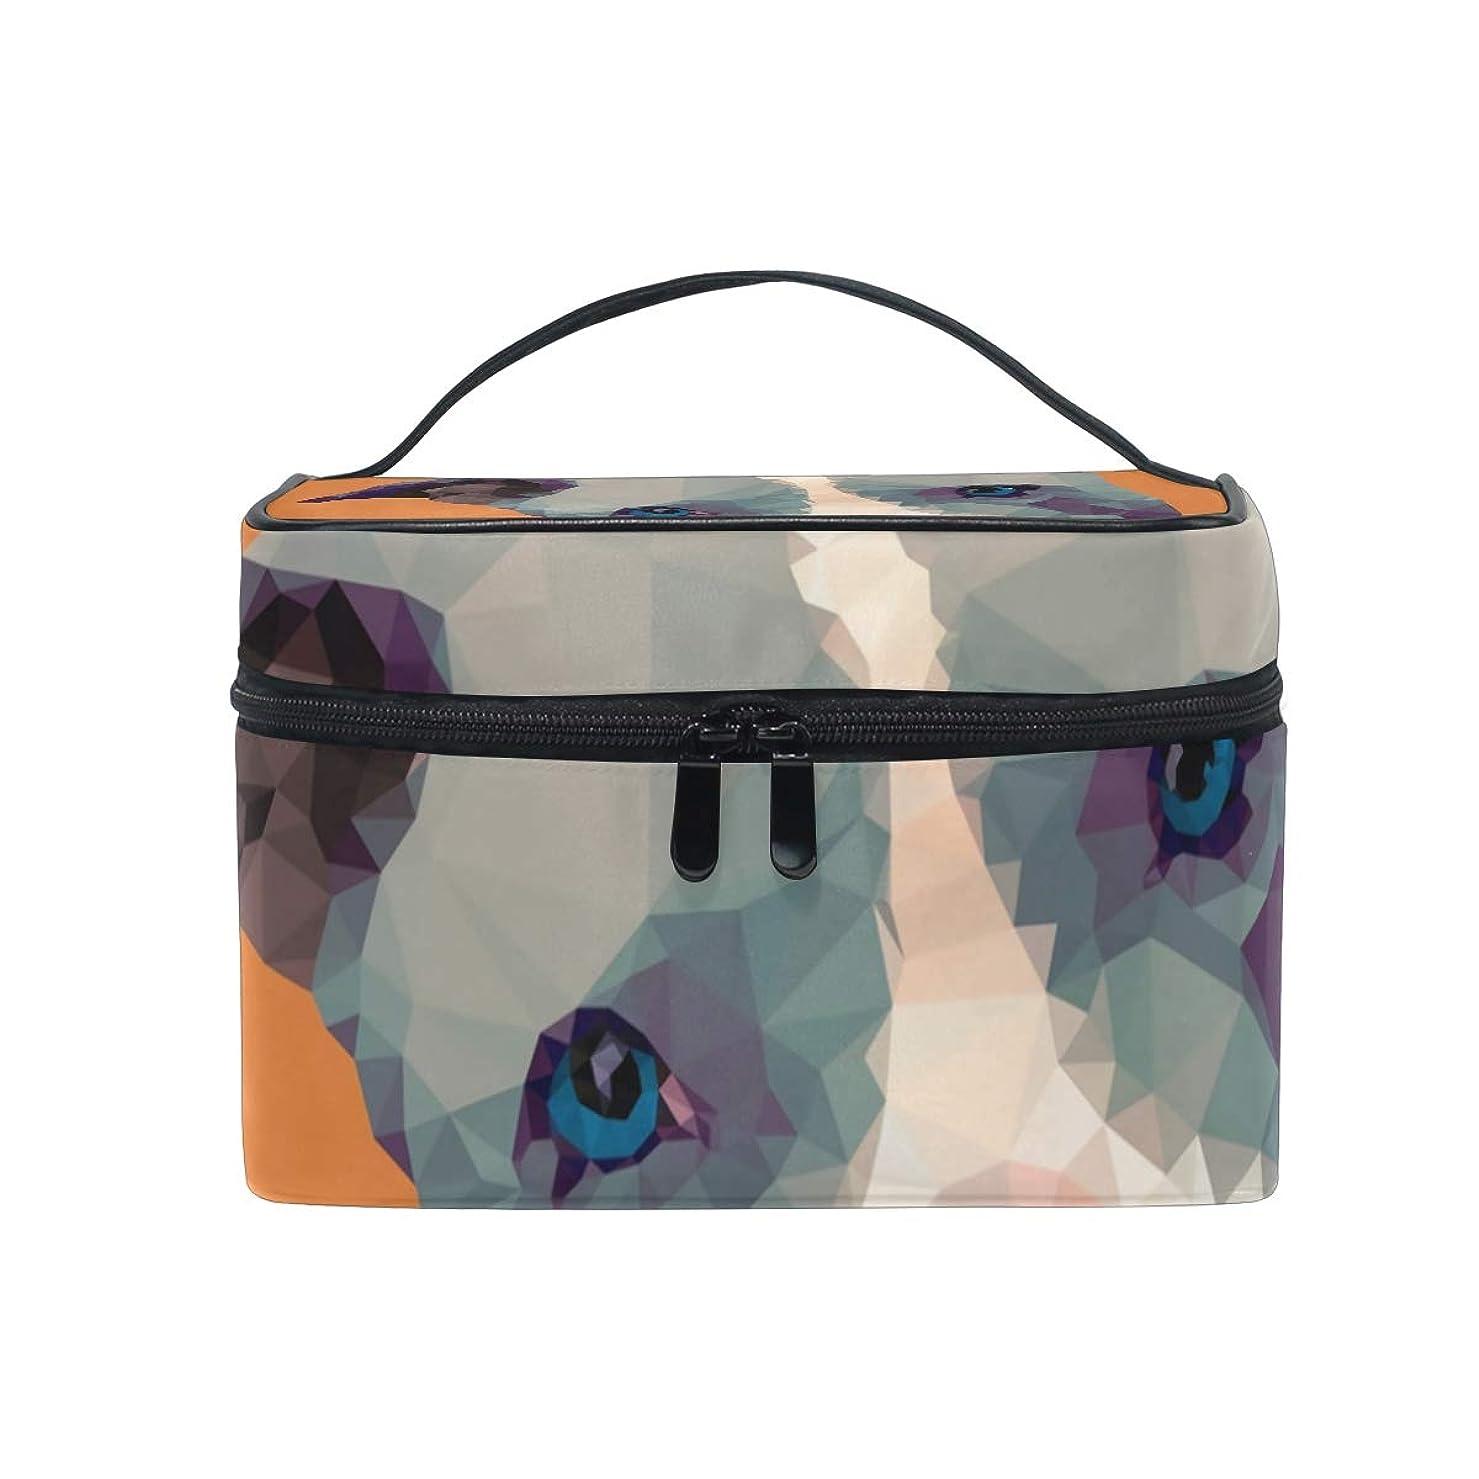 商人評価する表向きメイクボックス ピットブルピットブル柄 化粧ポーチ 化粧品 化粧道具 小物入れ メイクブラシバッグ 大容量 旅行用 収納ケース